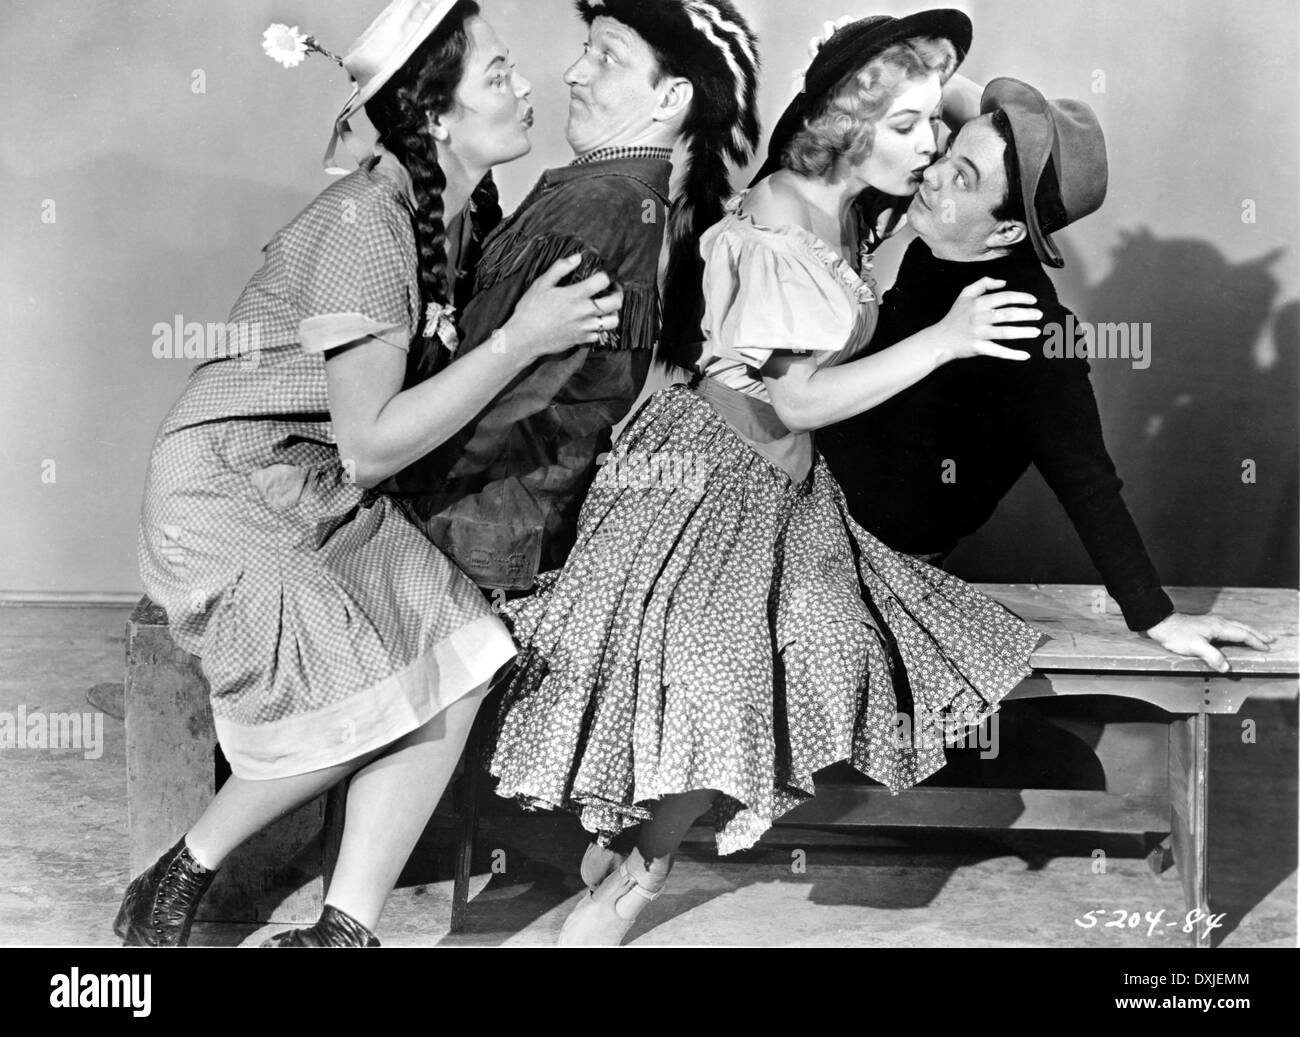 FEUDIN' FOOLS (US1952) DOROTHY FORD, HUNTZ HALL, ANNE ...